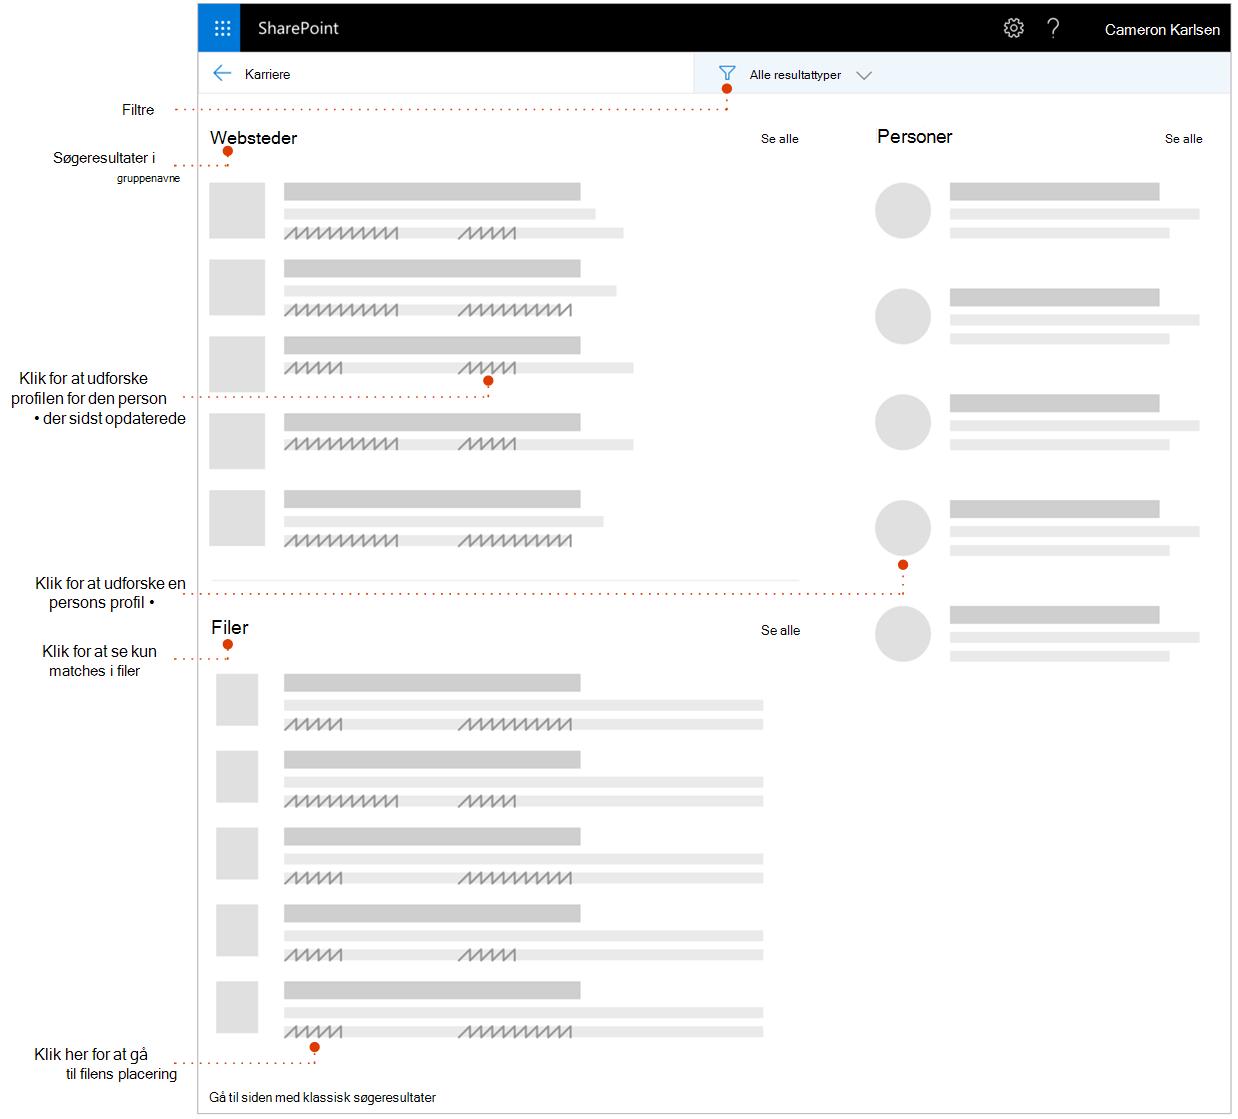 Skærmbillede af søgeresultaterne side med markører til elementer for at udforske.